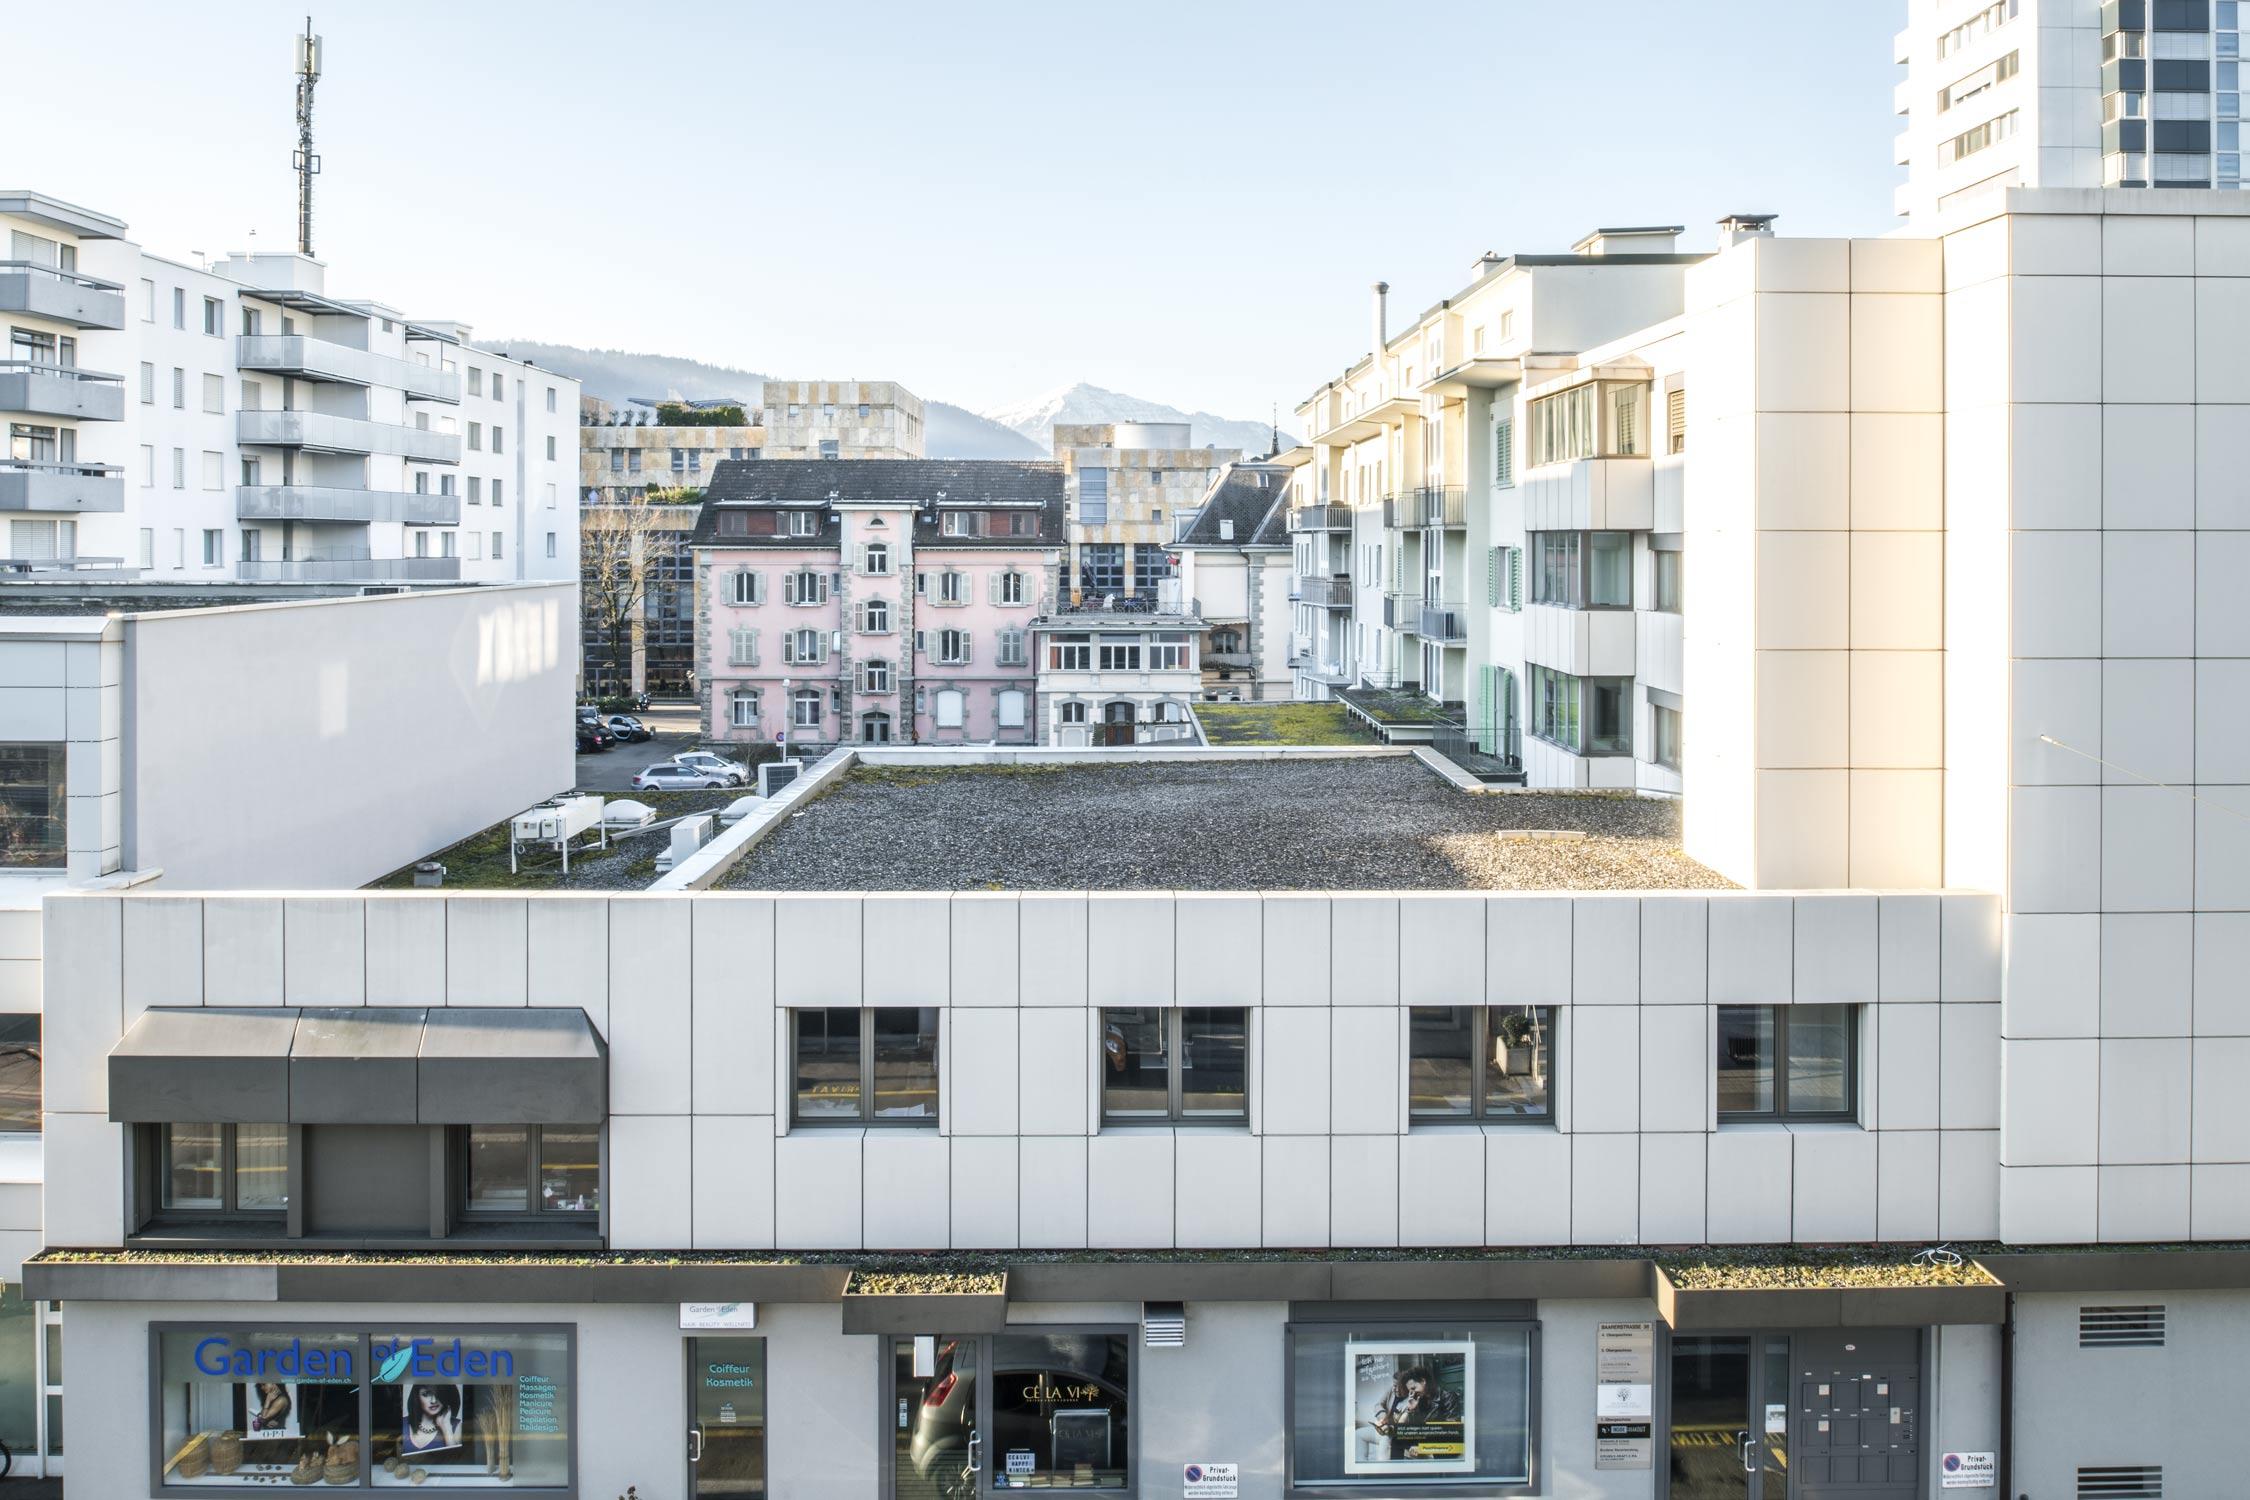 Gubelstrasse Blick über Häuser mit Metalli Einkaufszentrum und der Rigi im Hintergrund. Fotografie Regine Giesecke